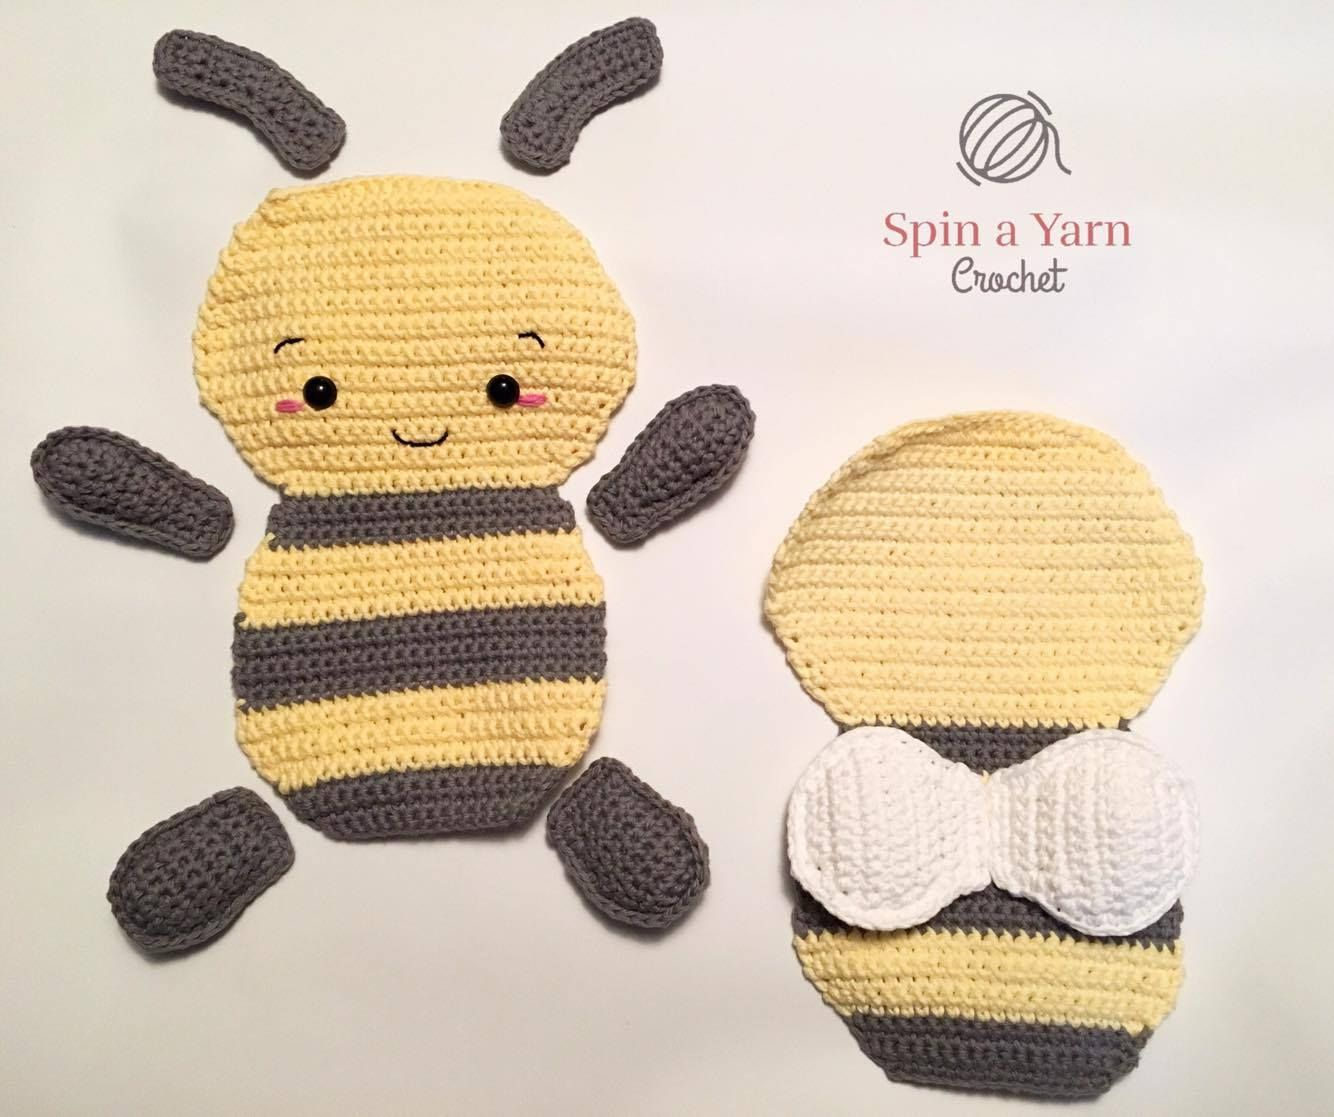 Dorable Patrón De Abejorros Crochet Imagen - Ideas de Patrones de ...